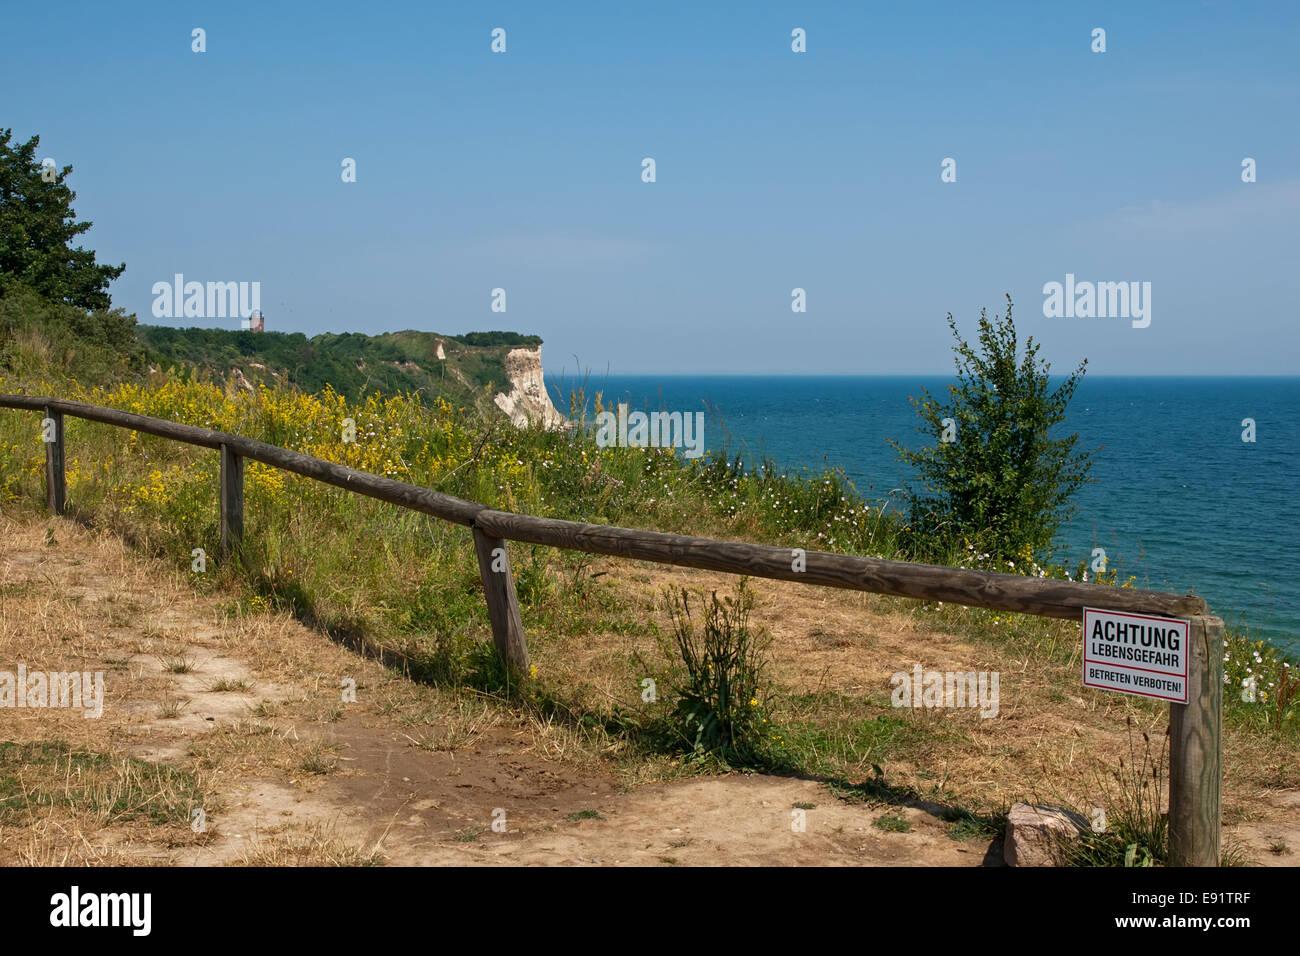 Cliffline Cape Arcona, Ruegen, Germany - Stock Image